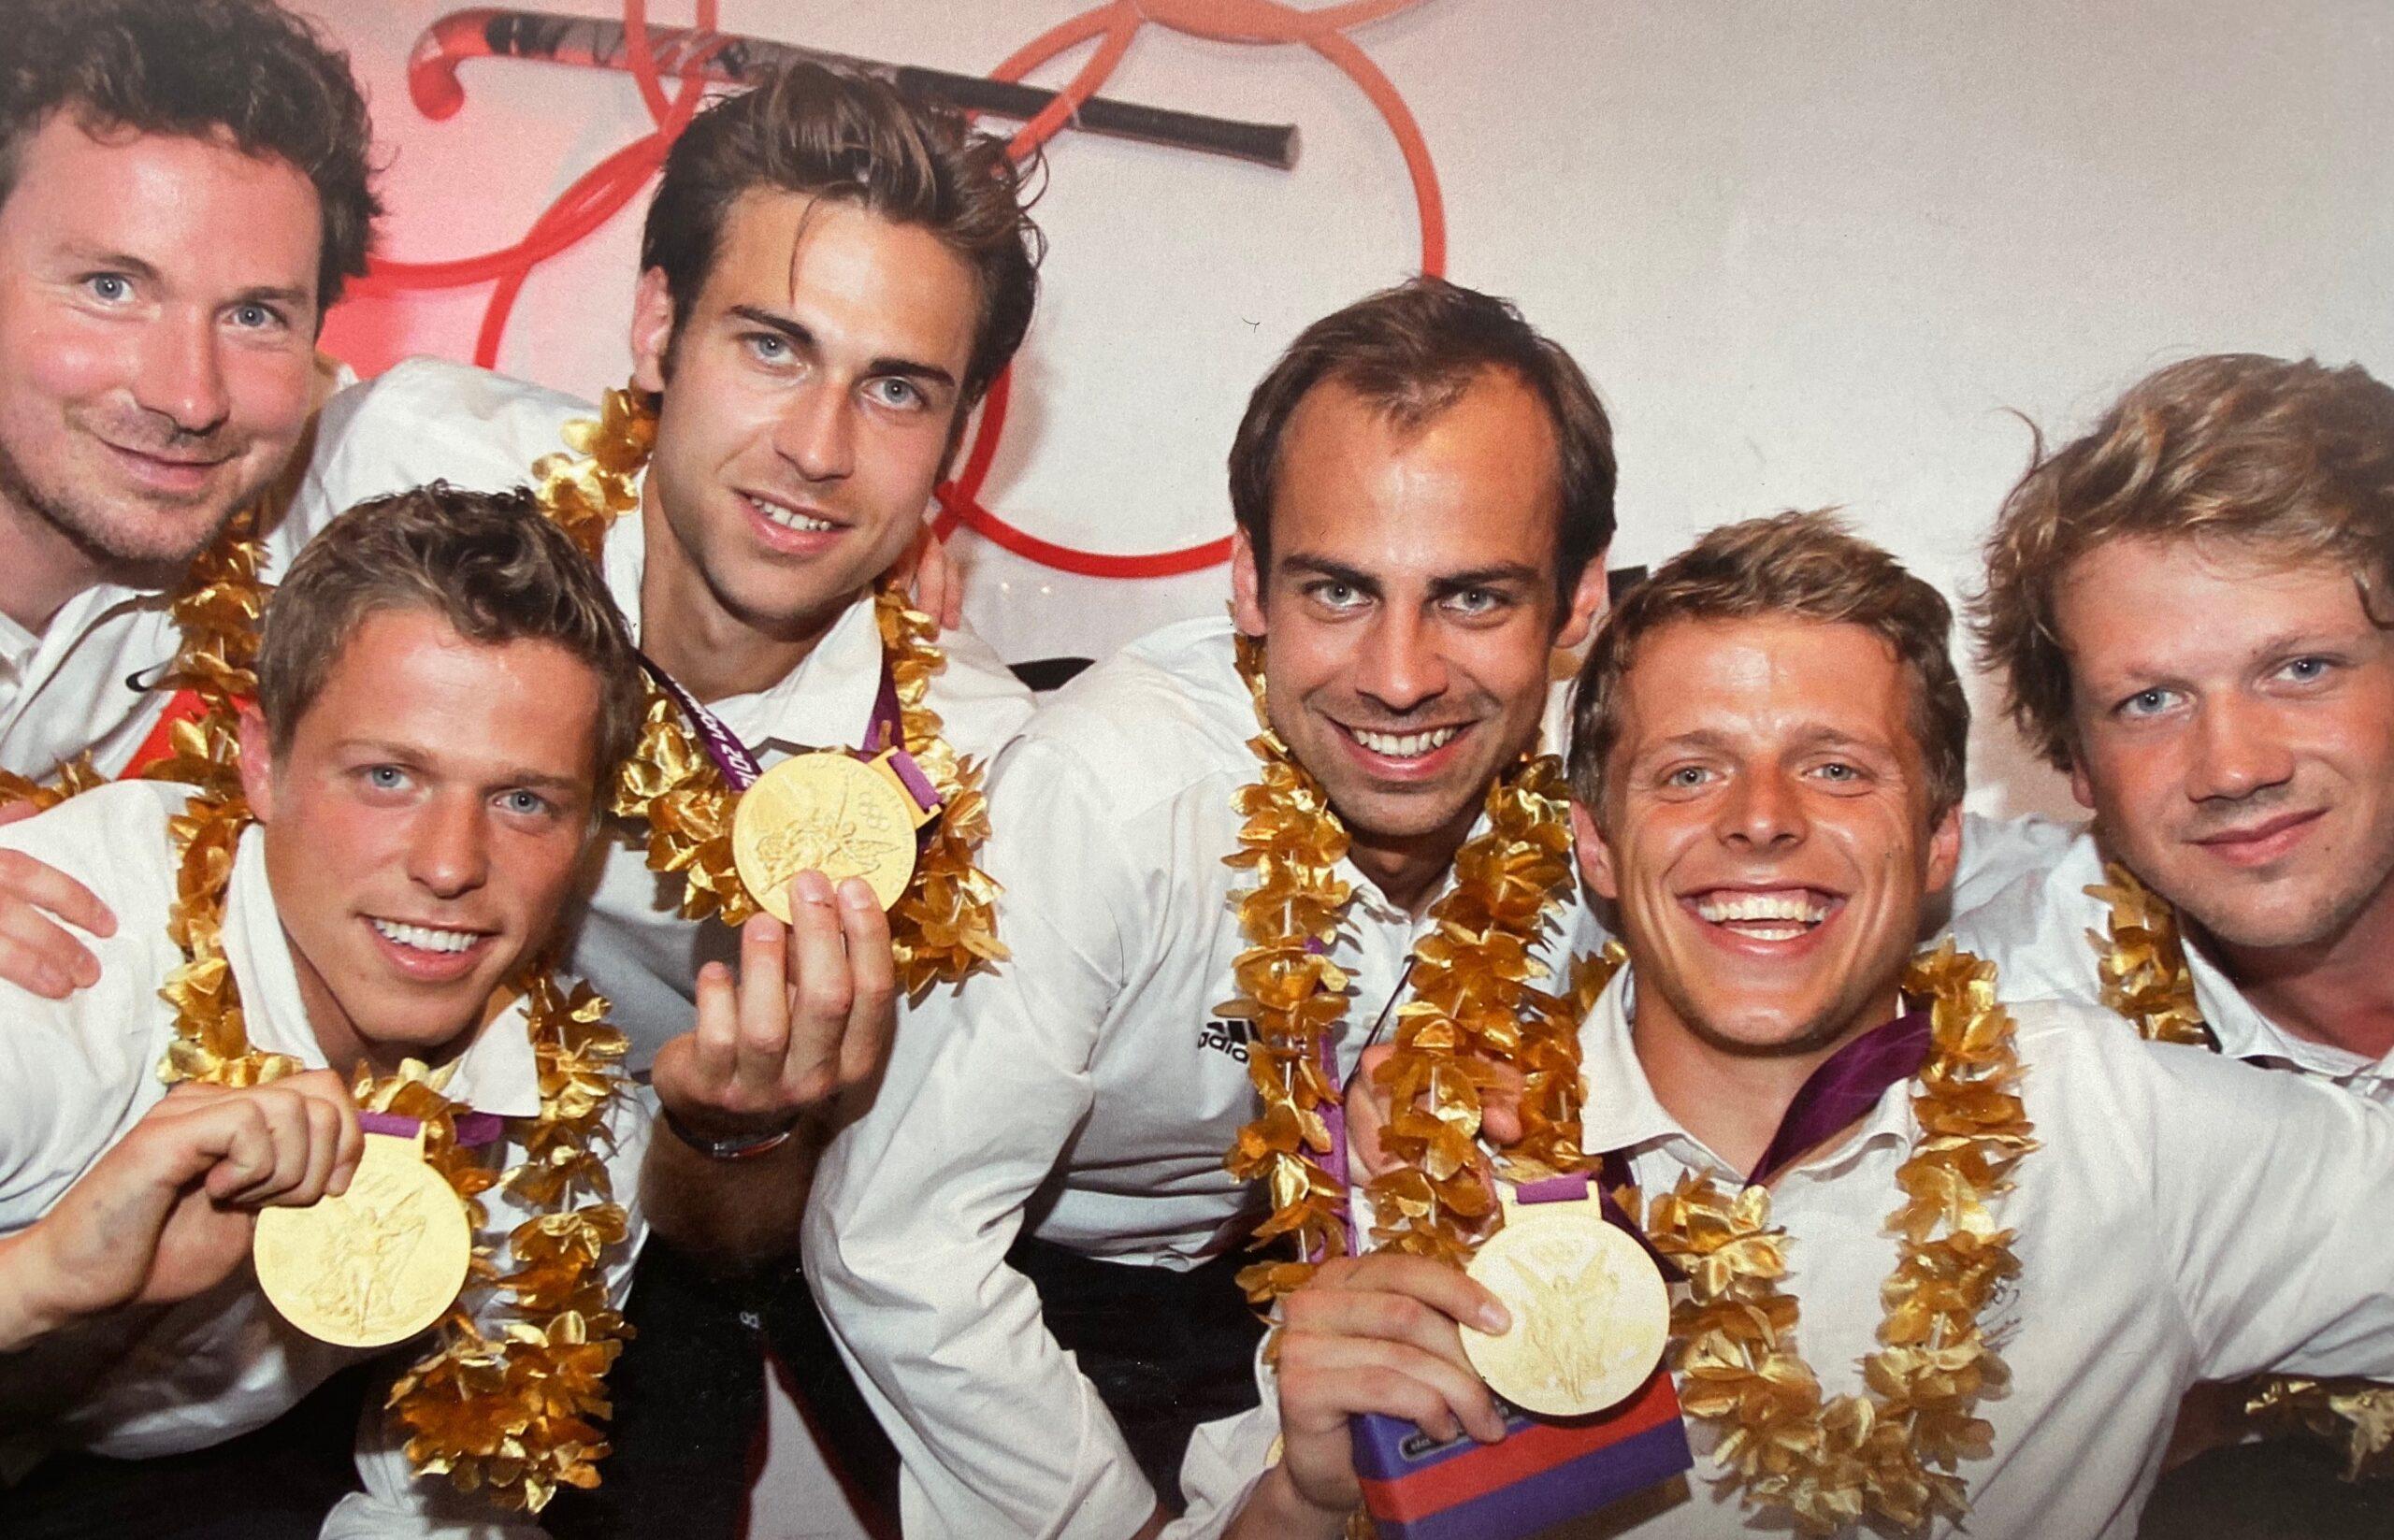 2012 Sechs Rot-Weiss Herren gewinnen bei den Olympischen Spielen in London Gold